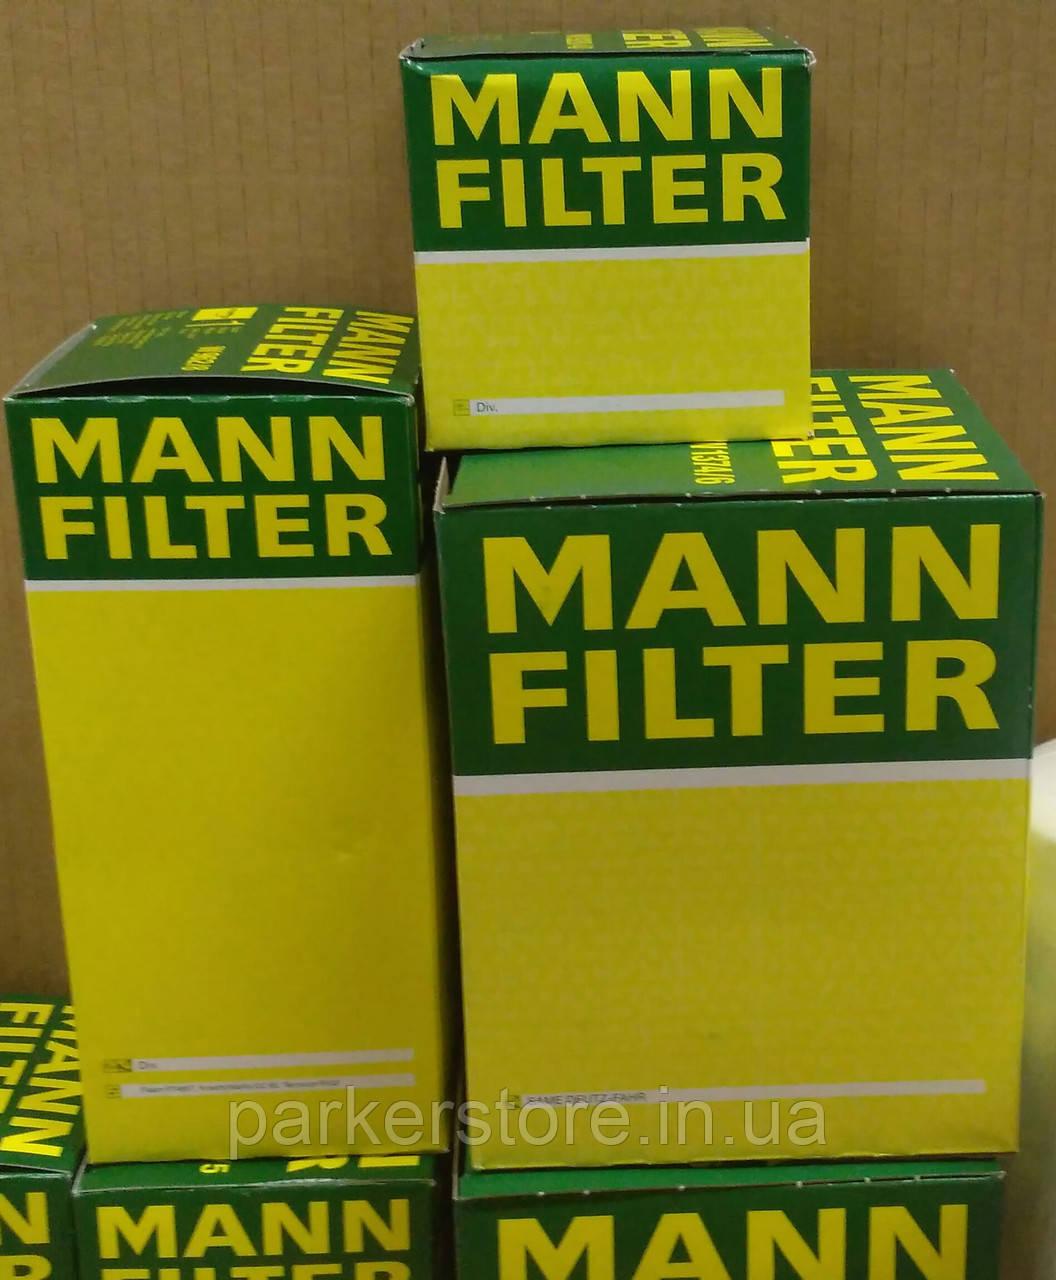 MANN FILTER / Повітряний фільтр / C 27 013 / C27013